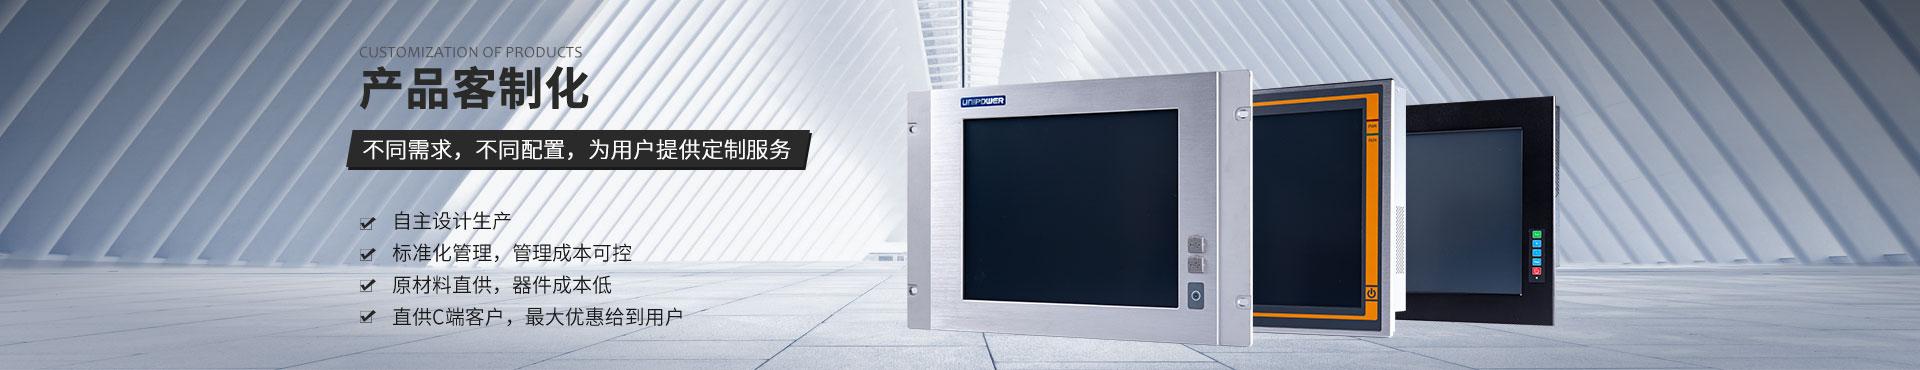 一站式工业显示器解决方案